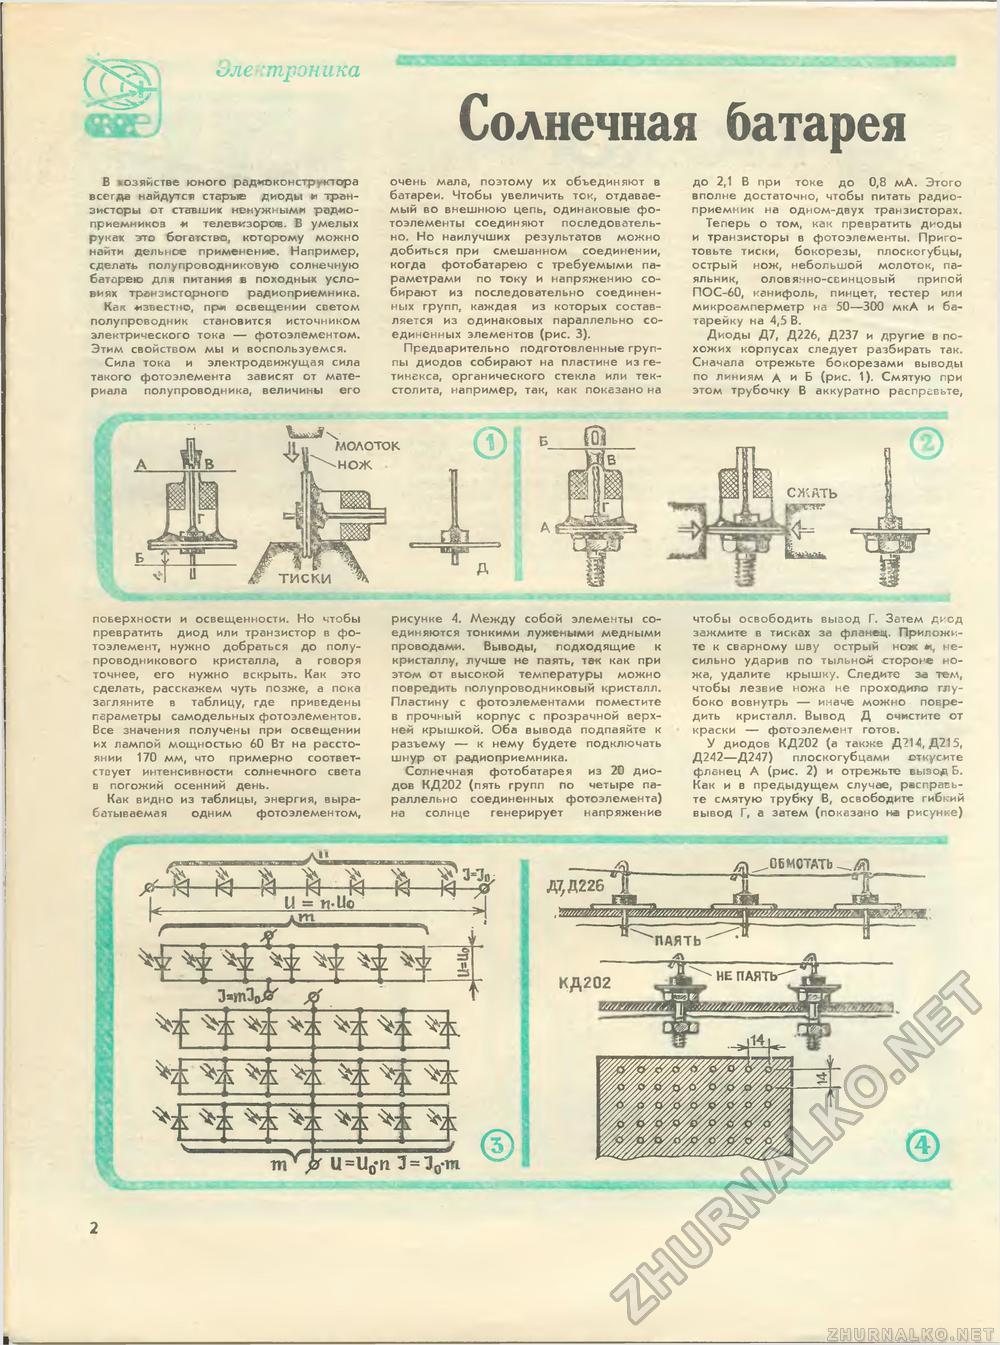 Kak-sdelat-solnechnuju-batareju-iz-tranzistorov-ili-diodov6.jpg